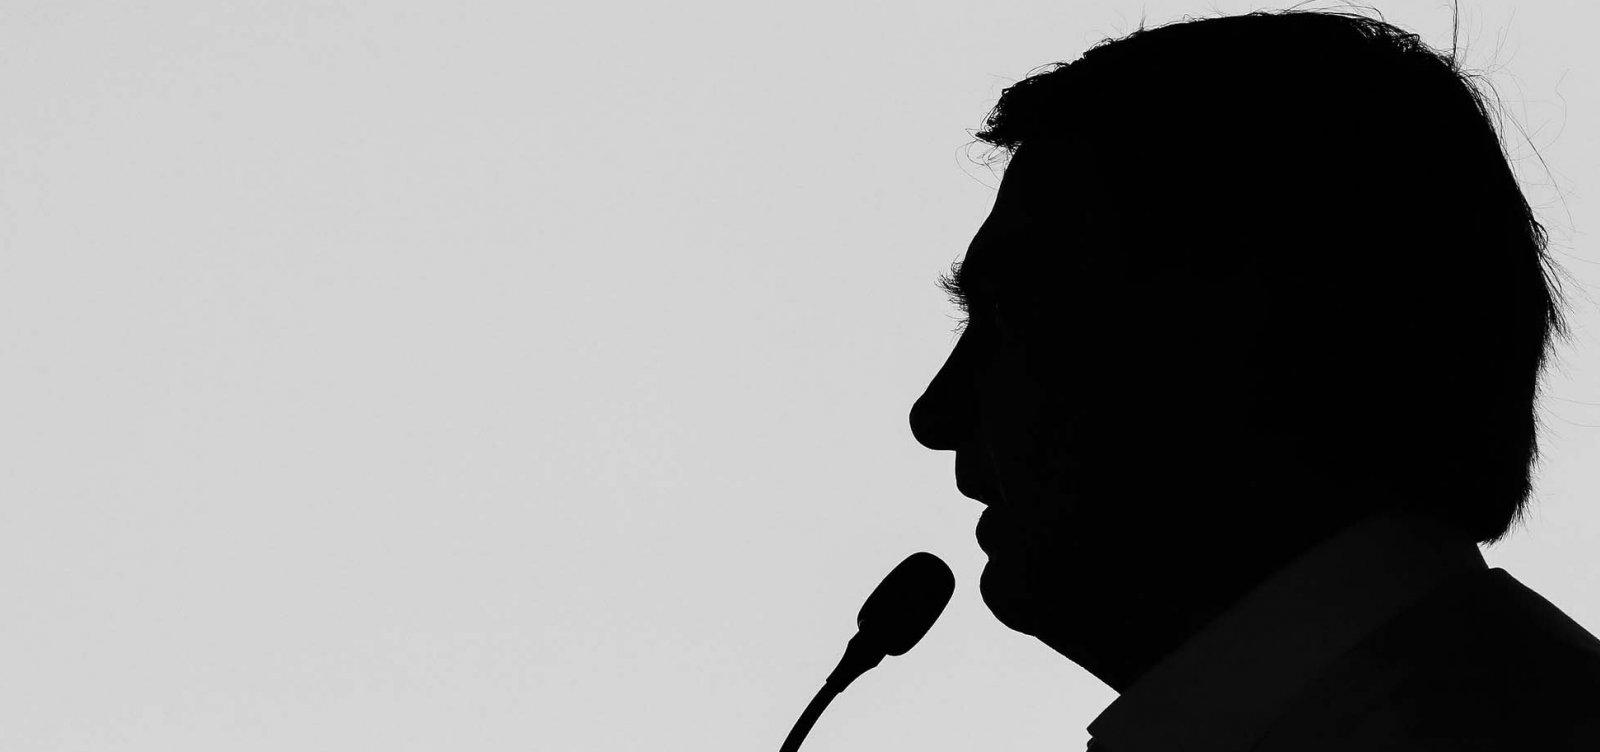 [Escutas do caso Adriano da Nóbrega são encerradas após menção a Bolsonaro]